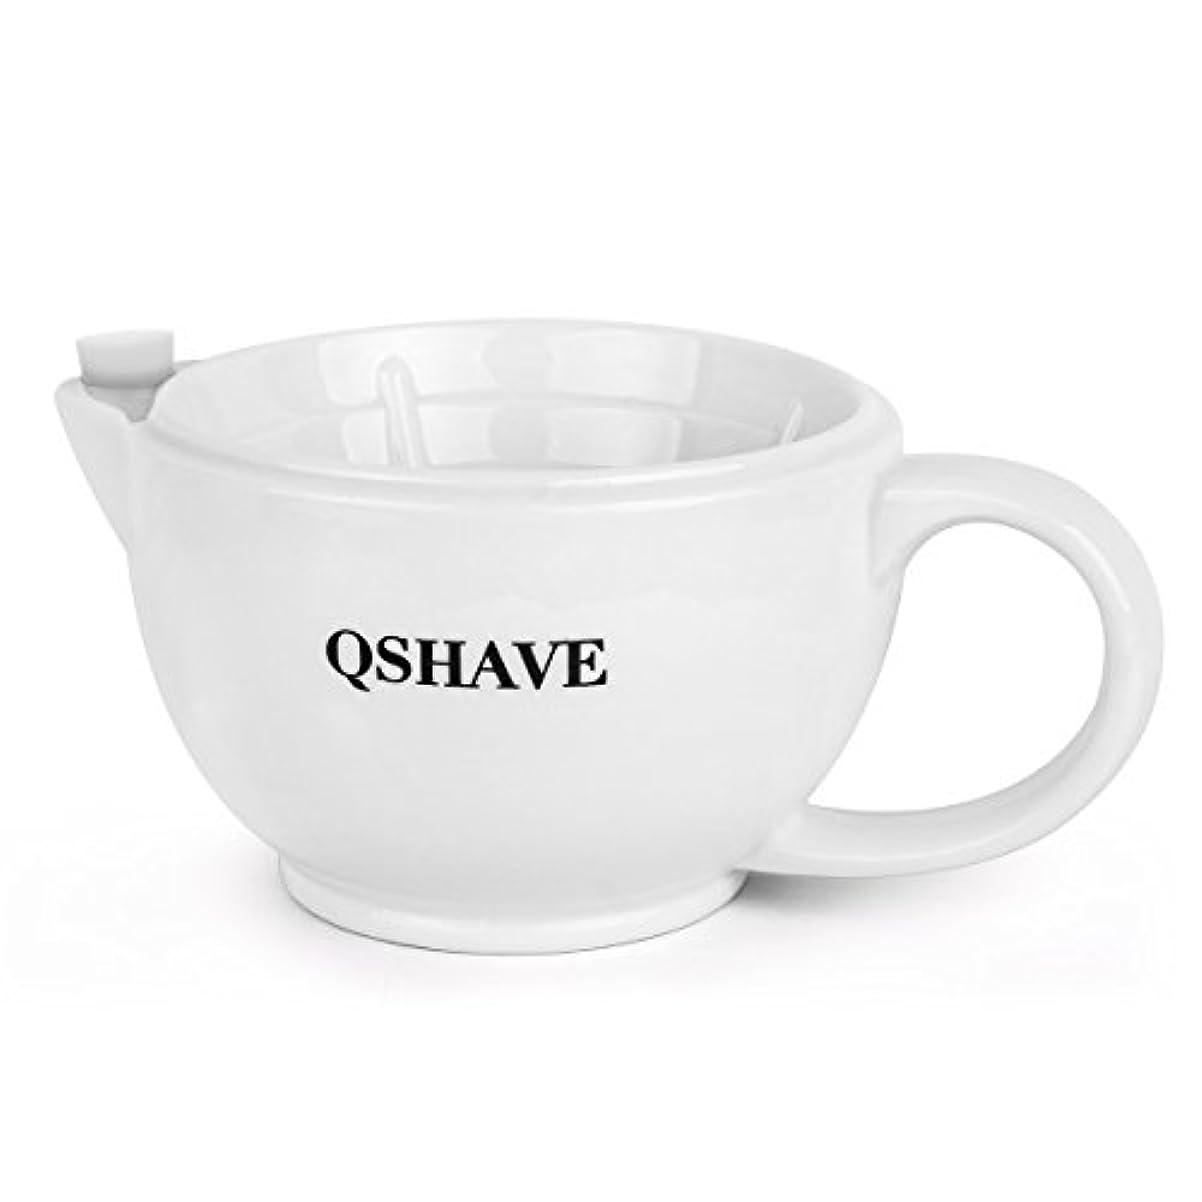 馬鹿差ボットQSHAVE シェービングシャトルのマグカップ - 常に泡を保つ - 手作りの陶器のカップ 白